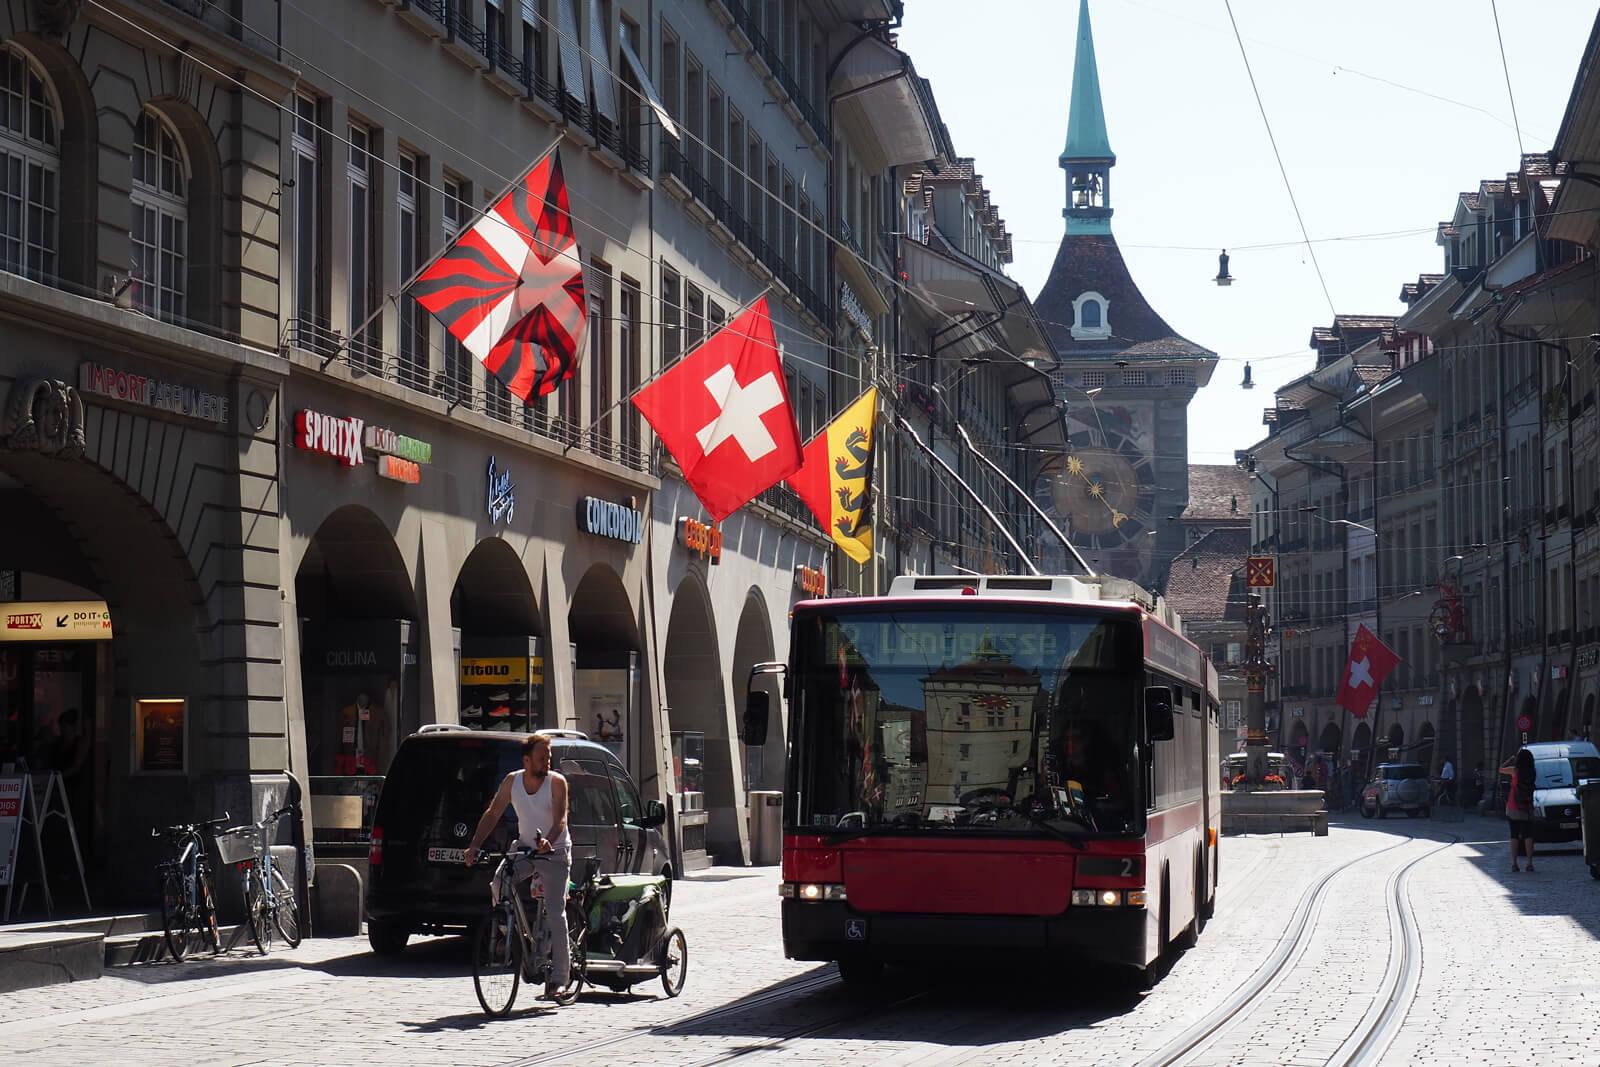 Cờ Thụy Sĩ vẫy ở Phố cổ Bern, Thụy Sĩ